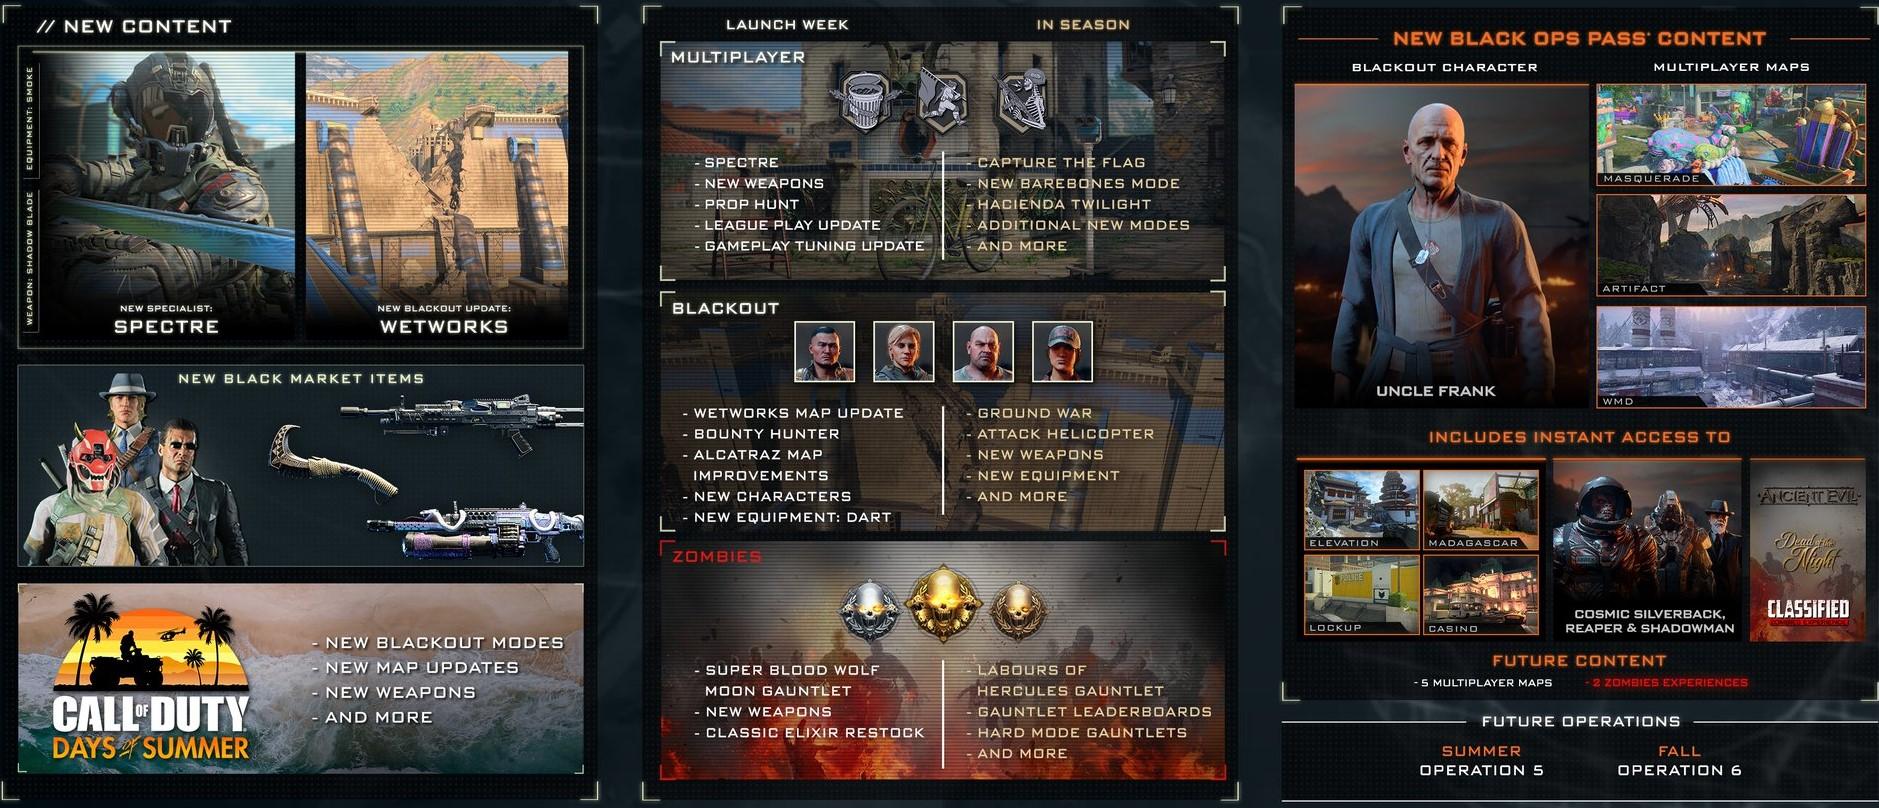 Añadidos Operación 4 Black Ops 4